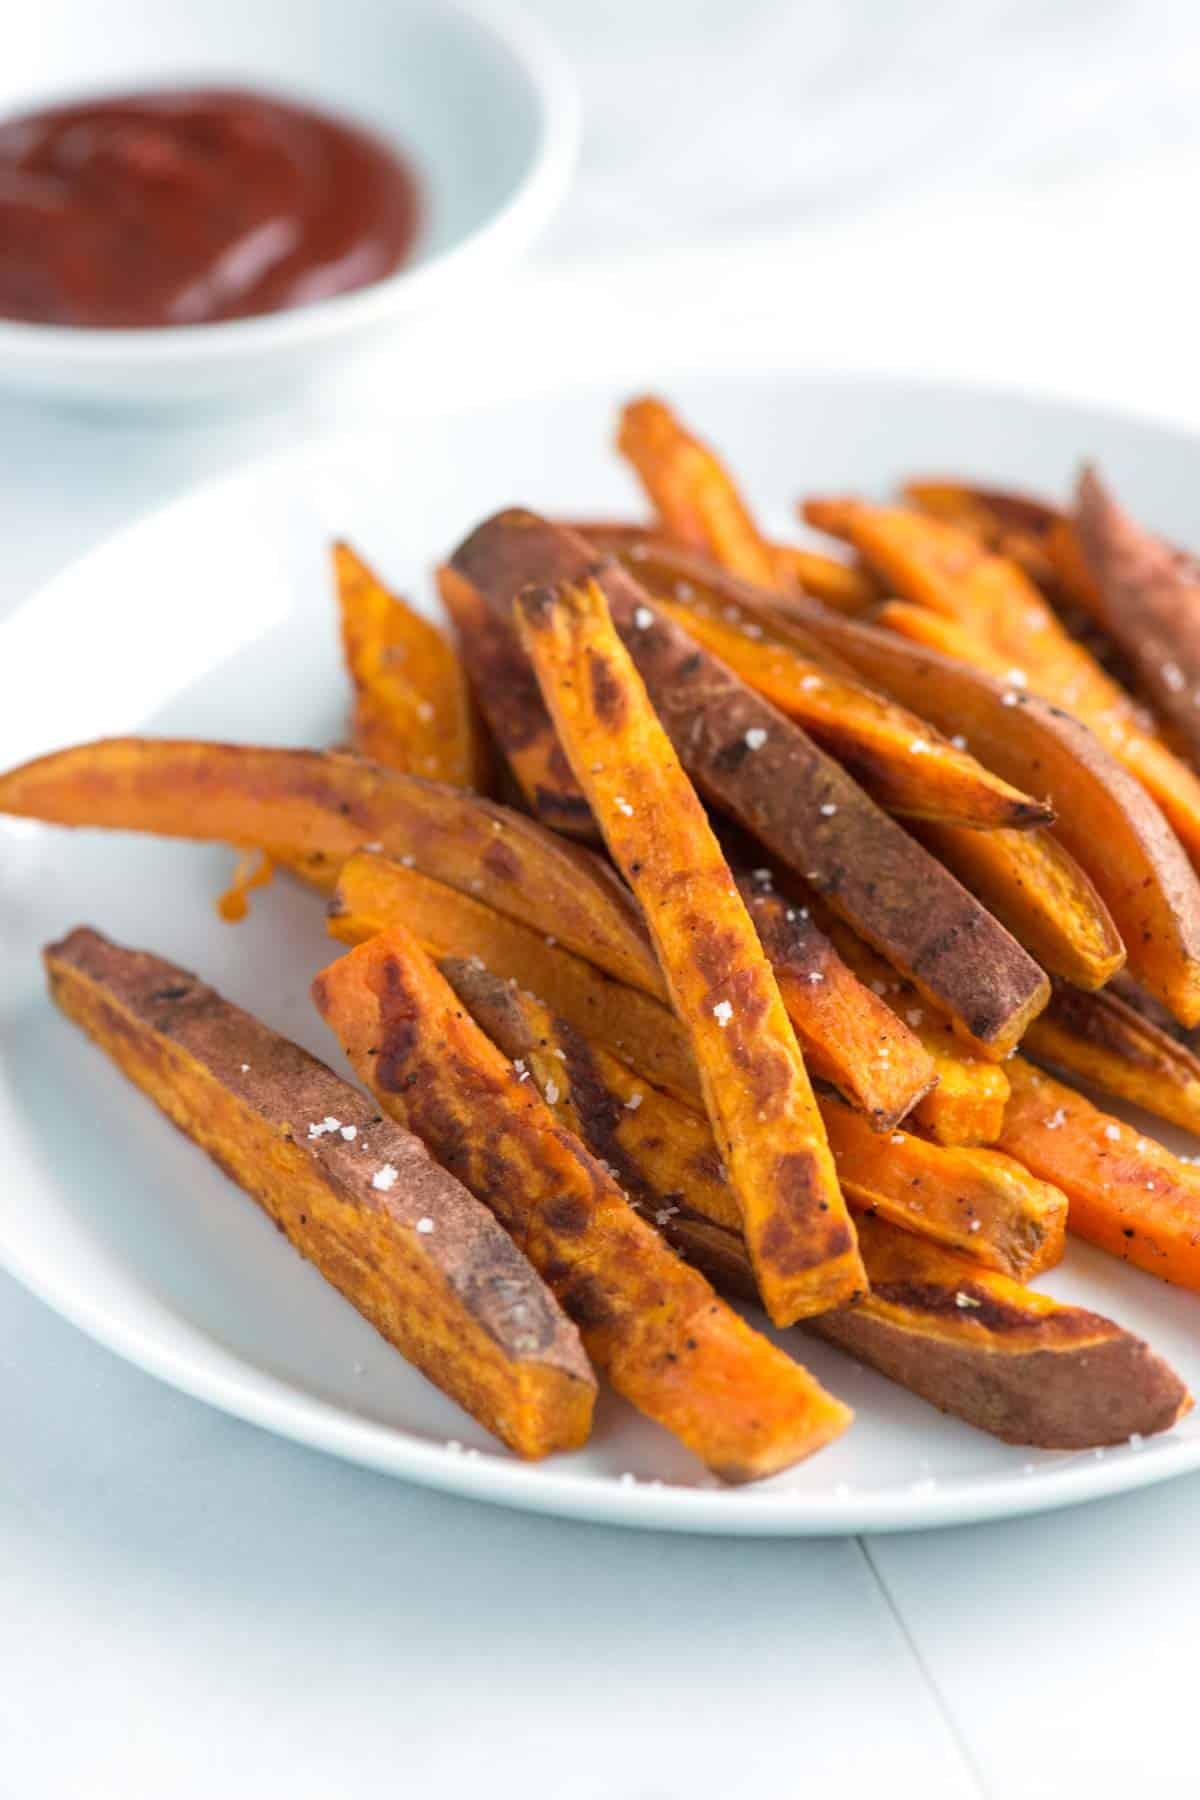 Sweet Potato Fry Recipe  Easy Homemade Baked Sweet Potato Fries Recipe